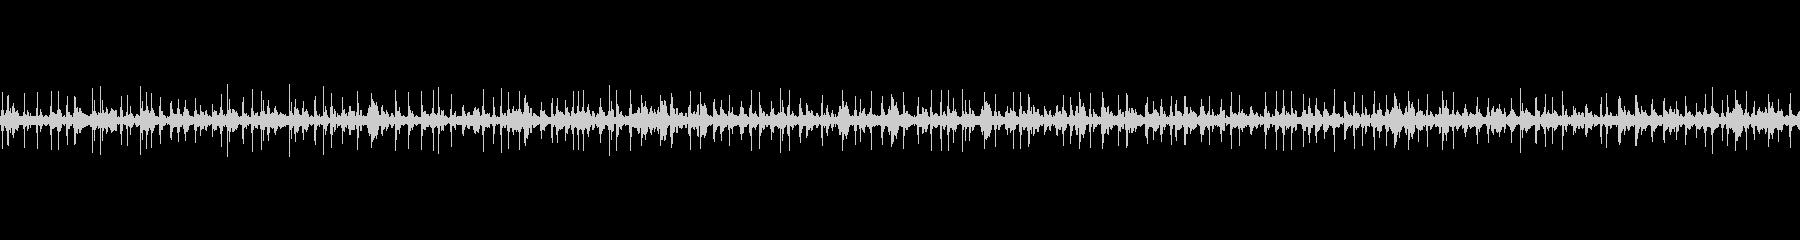 レコードノイズ Lofi ヴァイナル13の未再生の波形